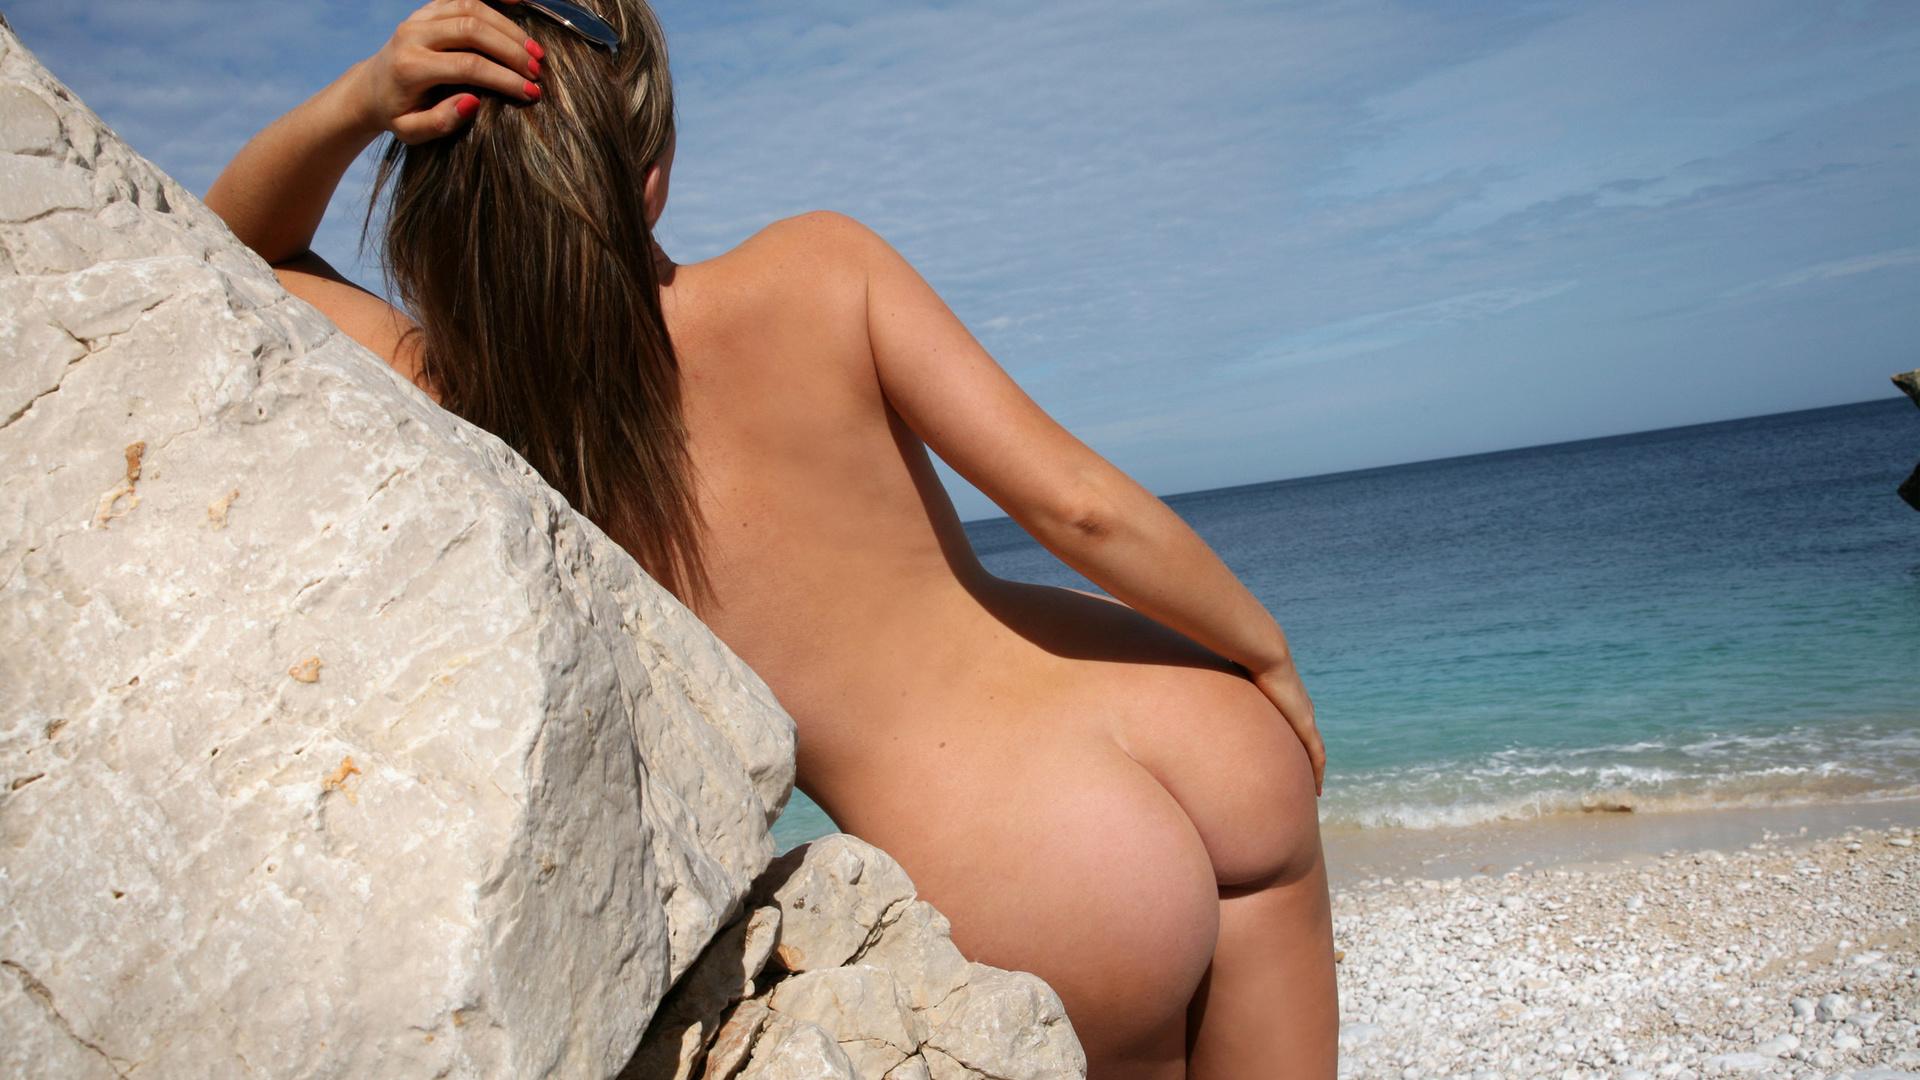 miley cyrus в красном купальнике эротика фото hd